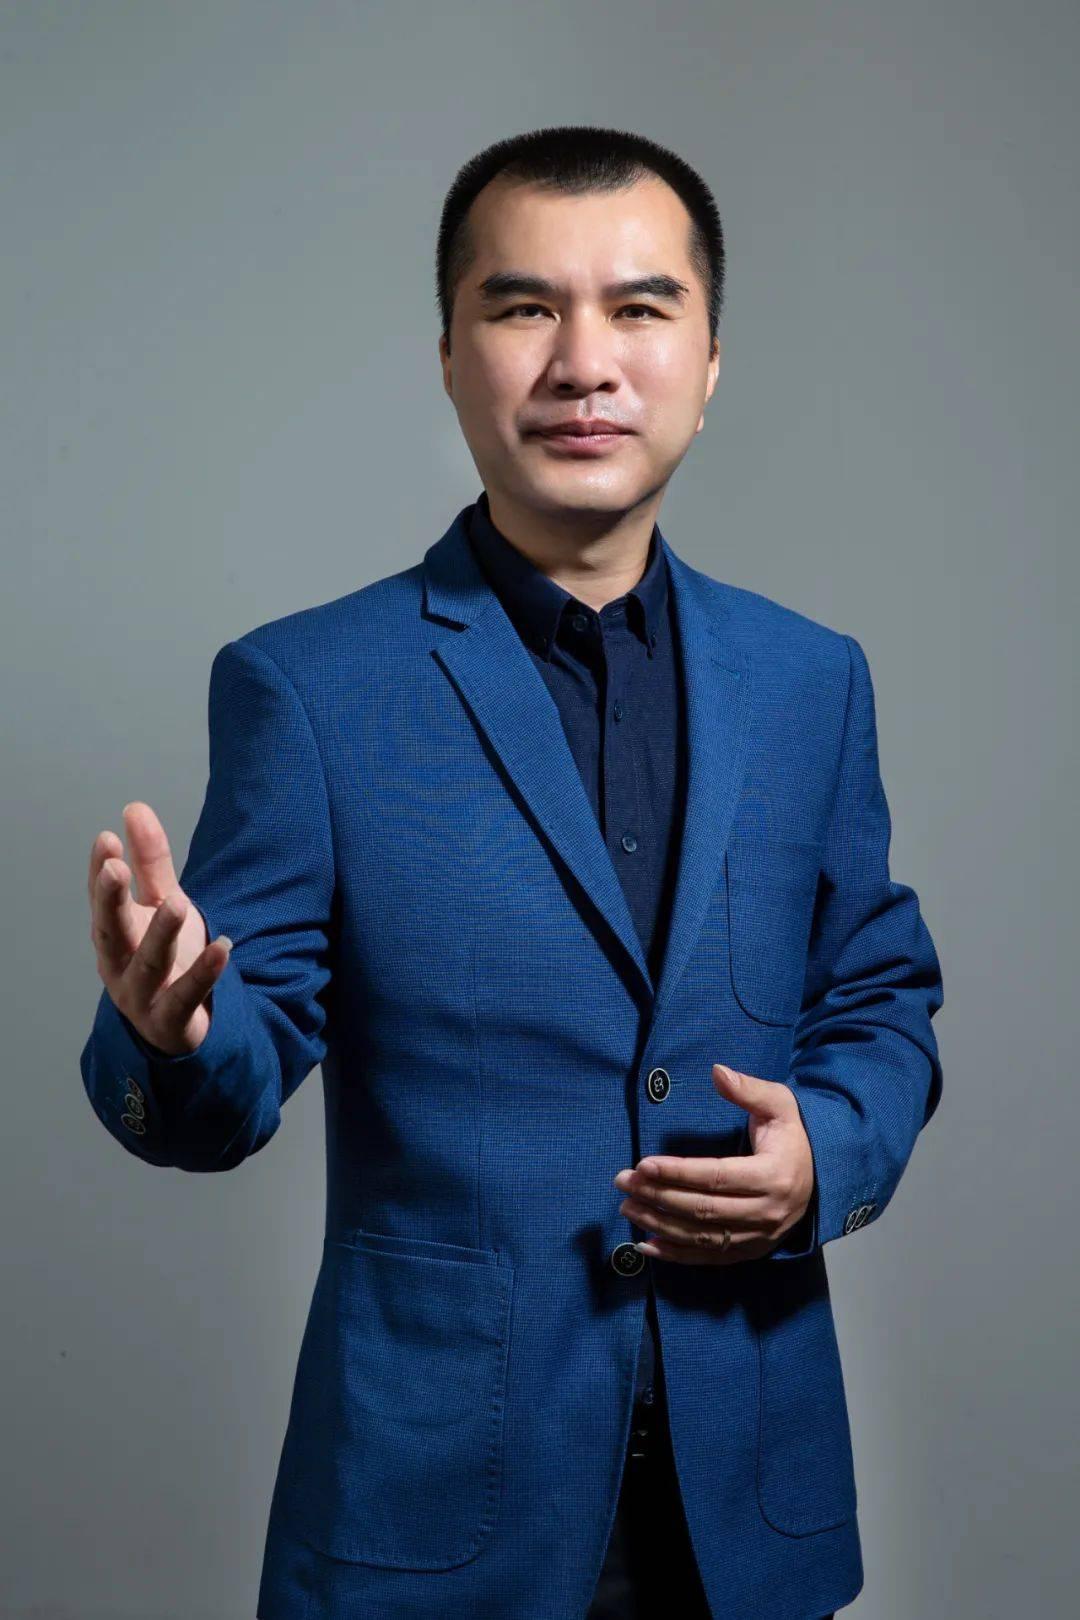 专访腾讯互娱副总裁崔晓春:小米加步枪,游戏仍有机会出圈